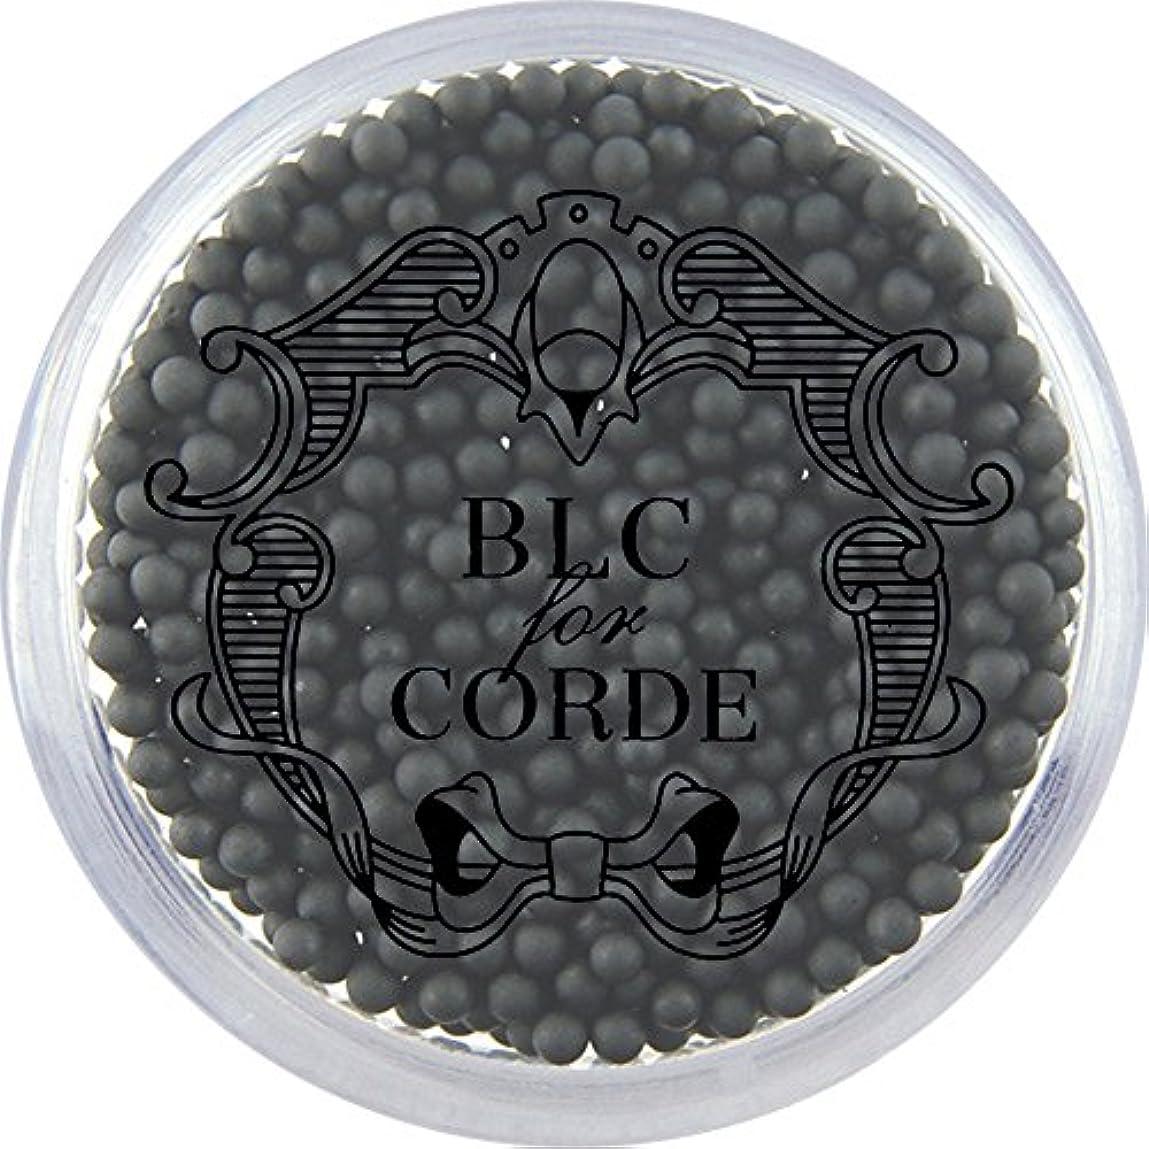 スロー完璧ソビエトBLC FOR CORDE ガラスブリオン ブラック